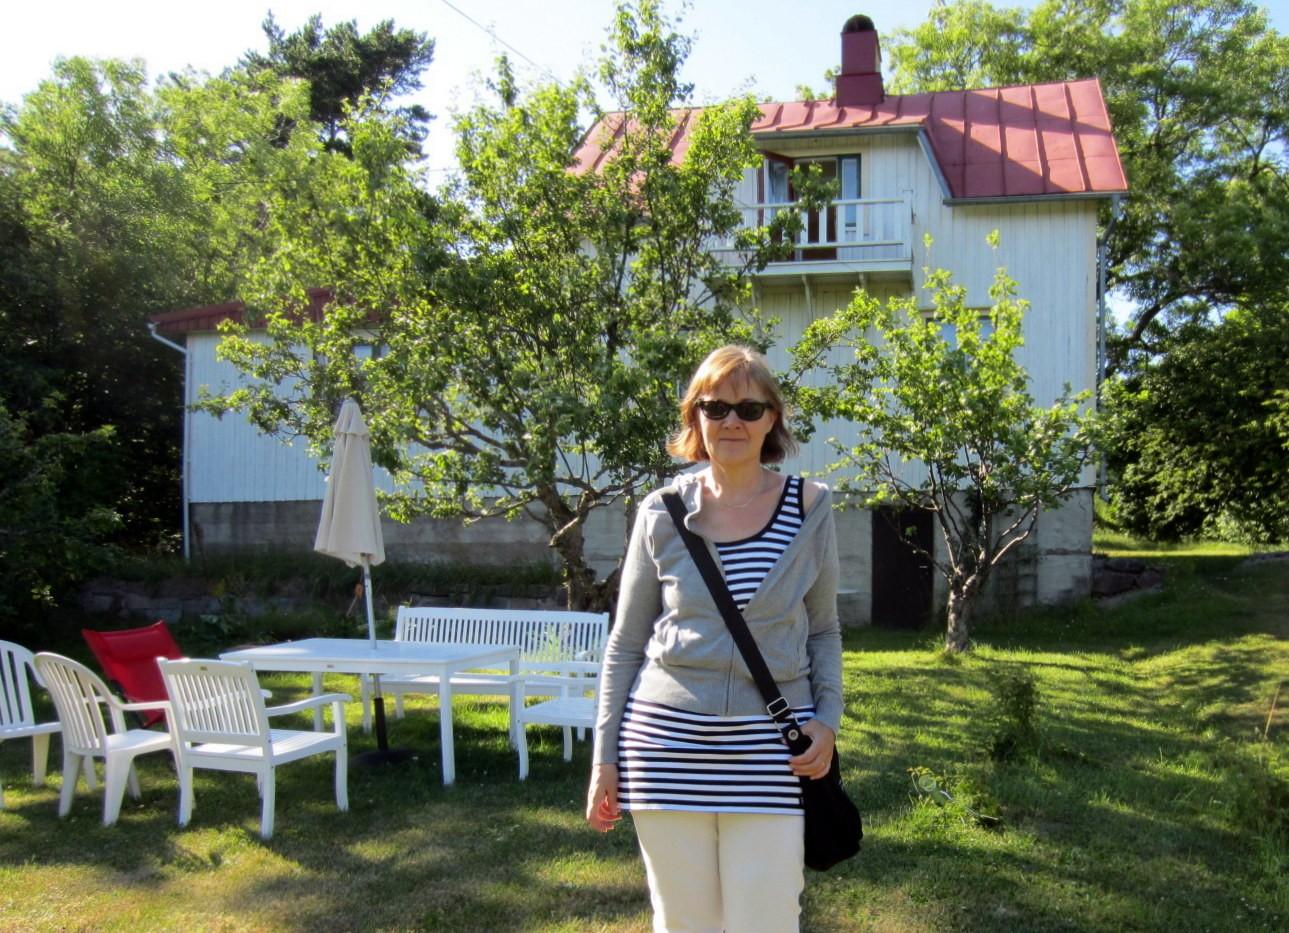 Simskäla Anni Blomqvistin kotitalo